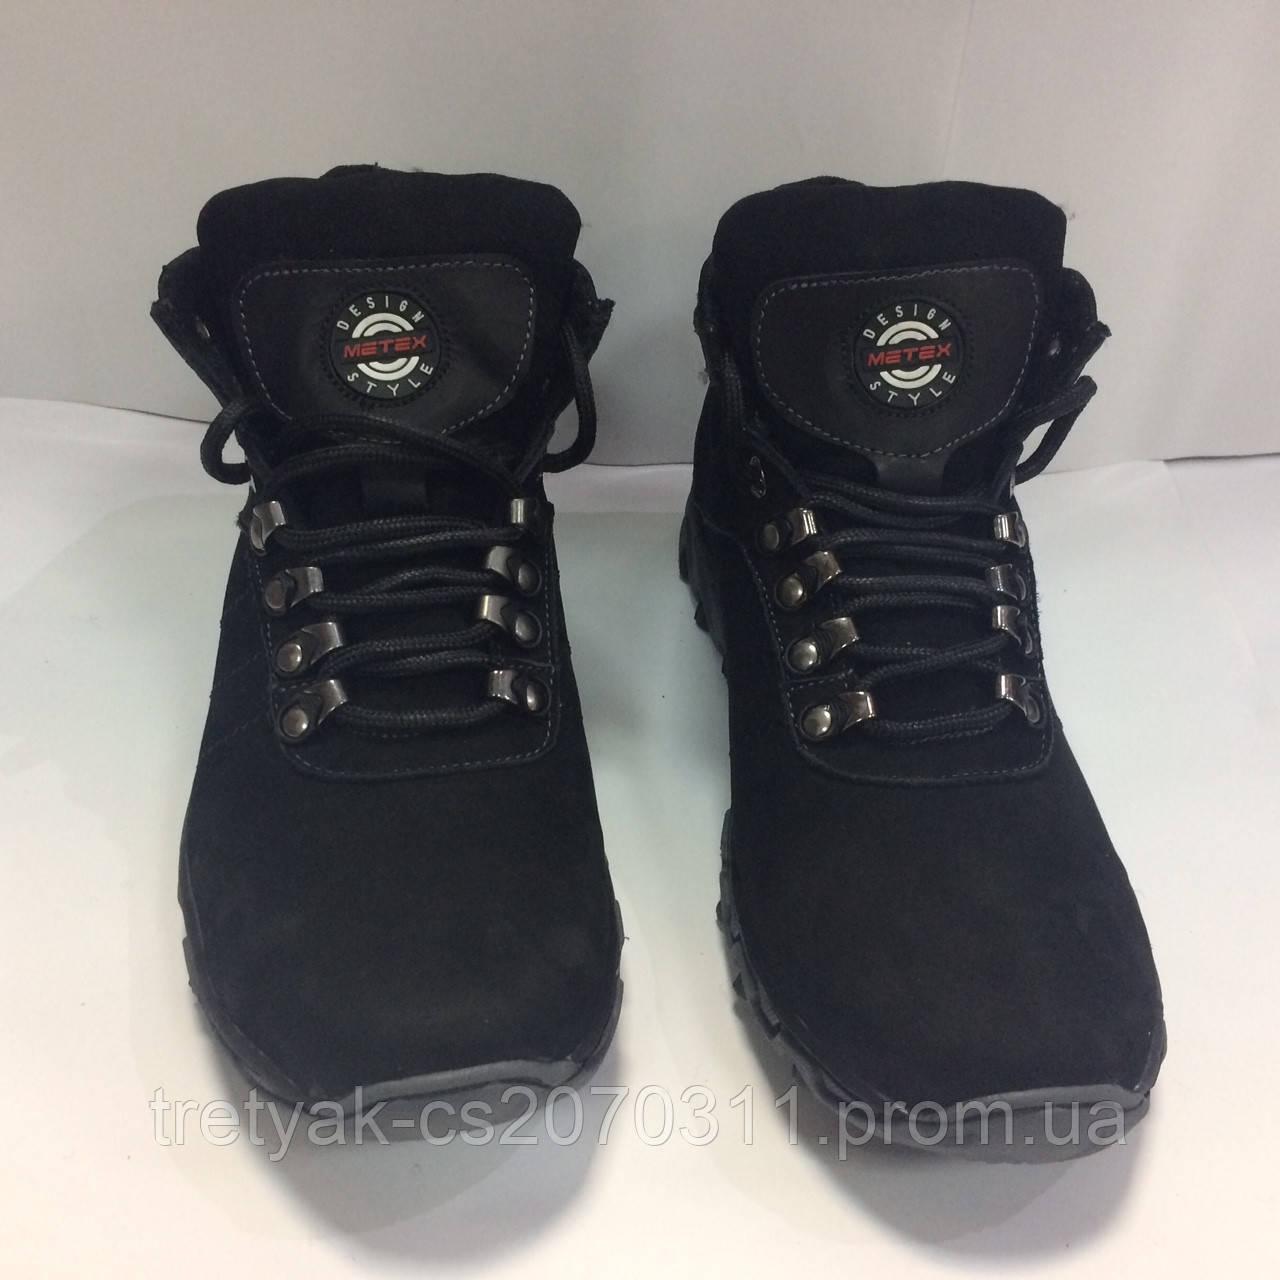 Мужские зимние ботинки из натурального замша чёрного цвета